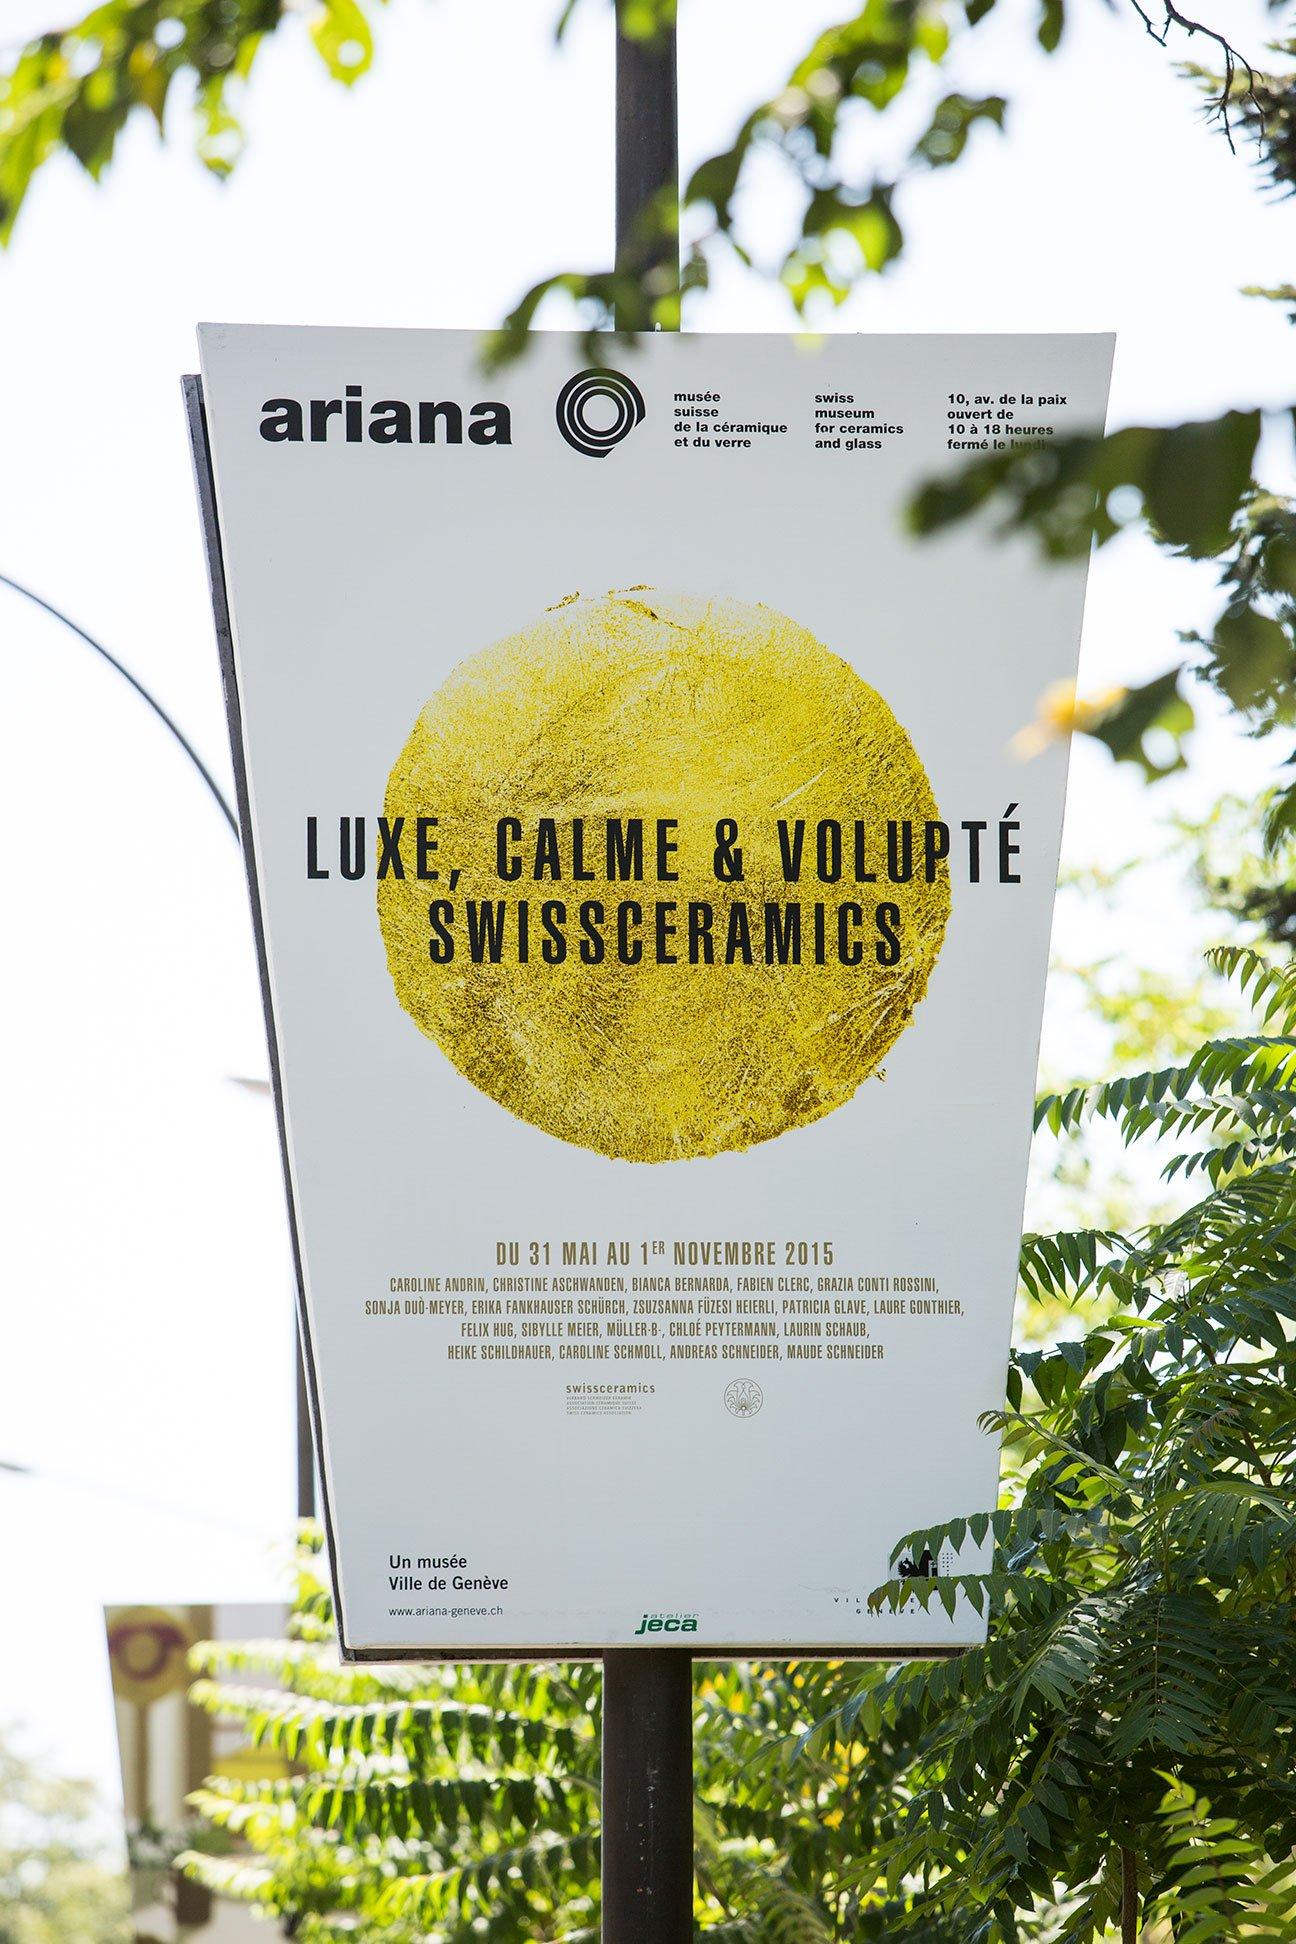 affiche graphique de l'Ariana: Luxe, Calme et Volupté (Swissceramics)